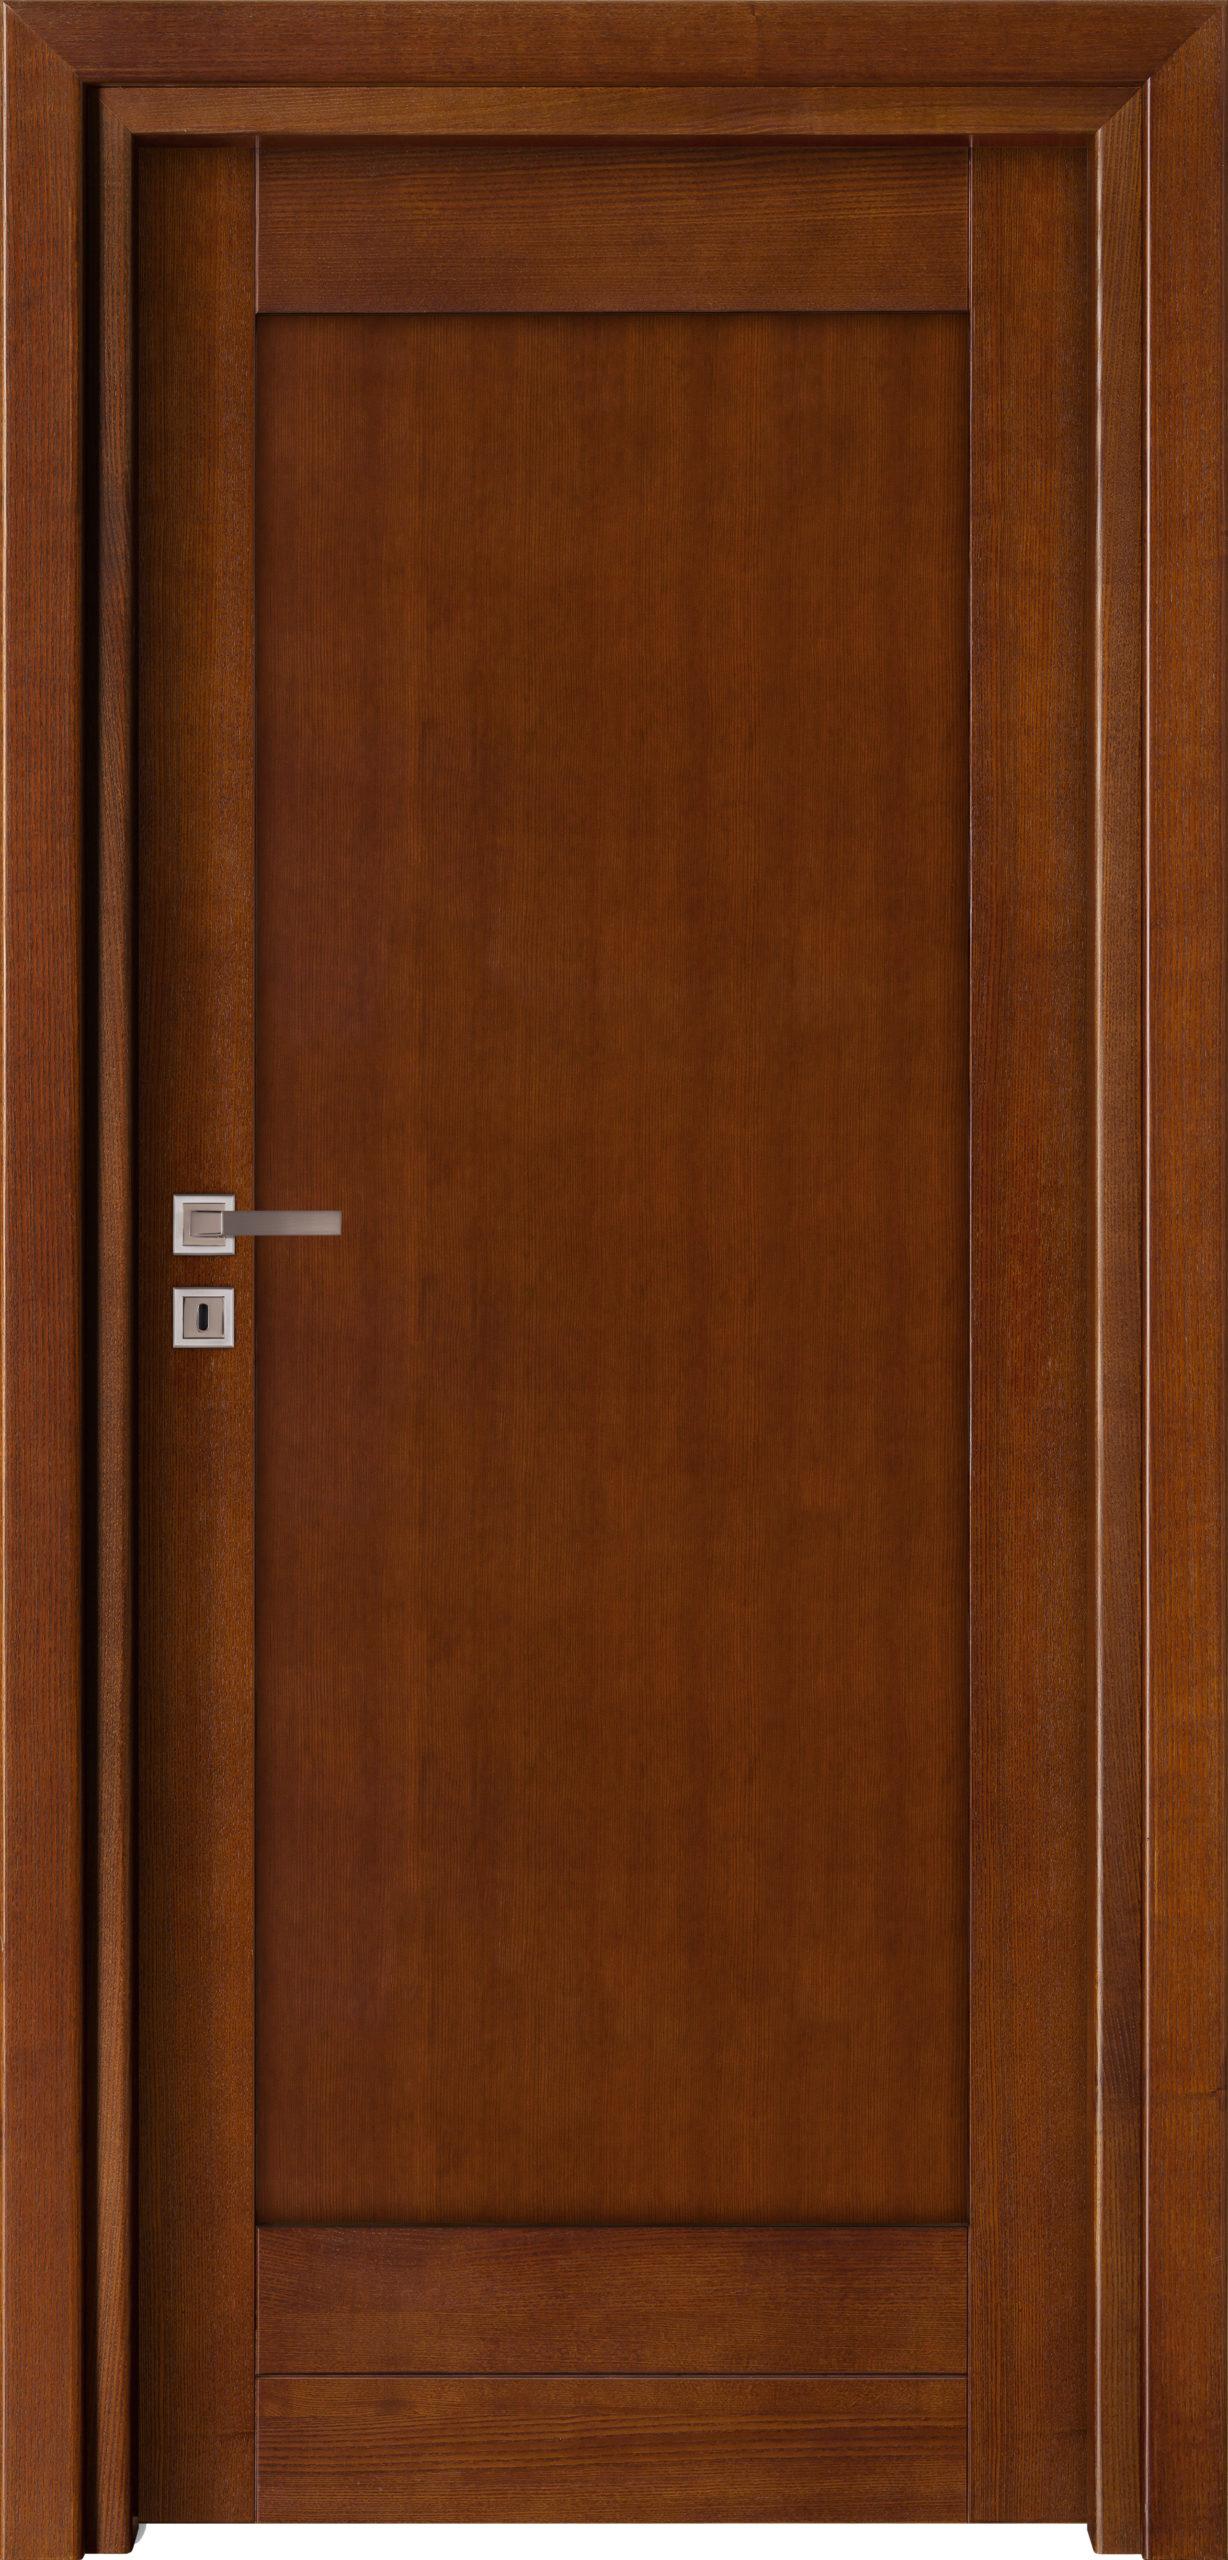 Sevilla D3 - jesion - ciemny calvados - szklenie lacomat bezpieczny - ościeżnica przylgowa regulowana drewniana prosta (IIa)